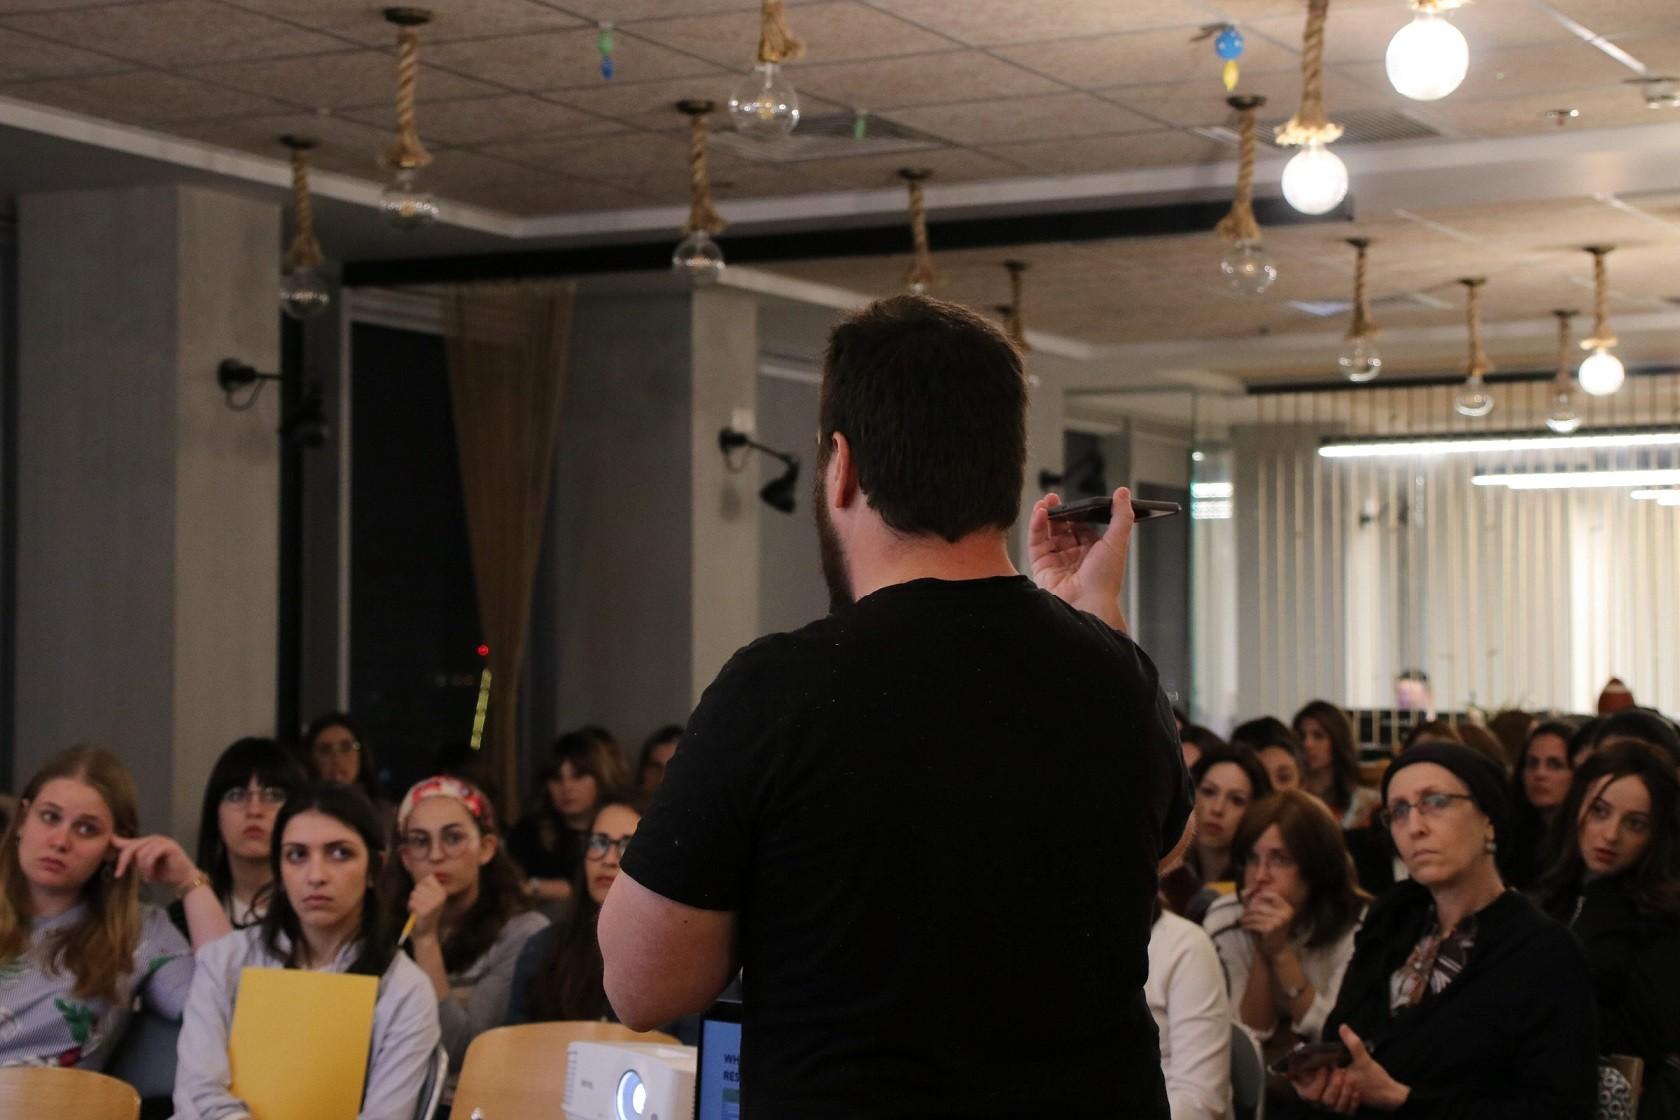 כשחדשנות וטכנולוגיה נפגשו עם עיצוב וחווית משתמש: סיקור אירוע UIX מבית 'סיעור מוחות' 4